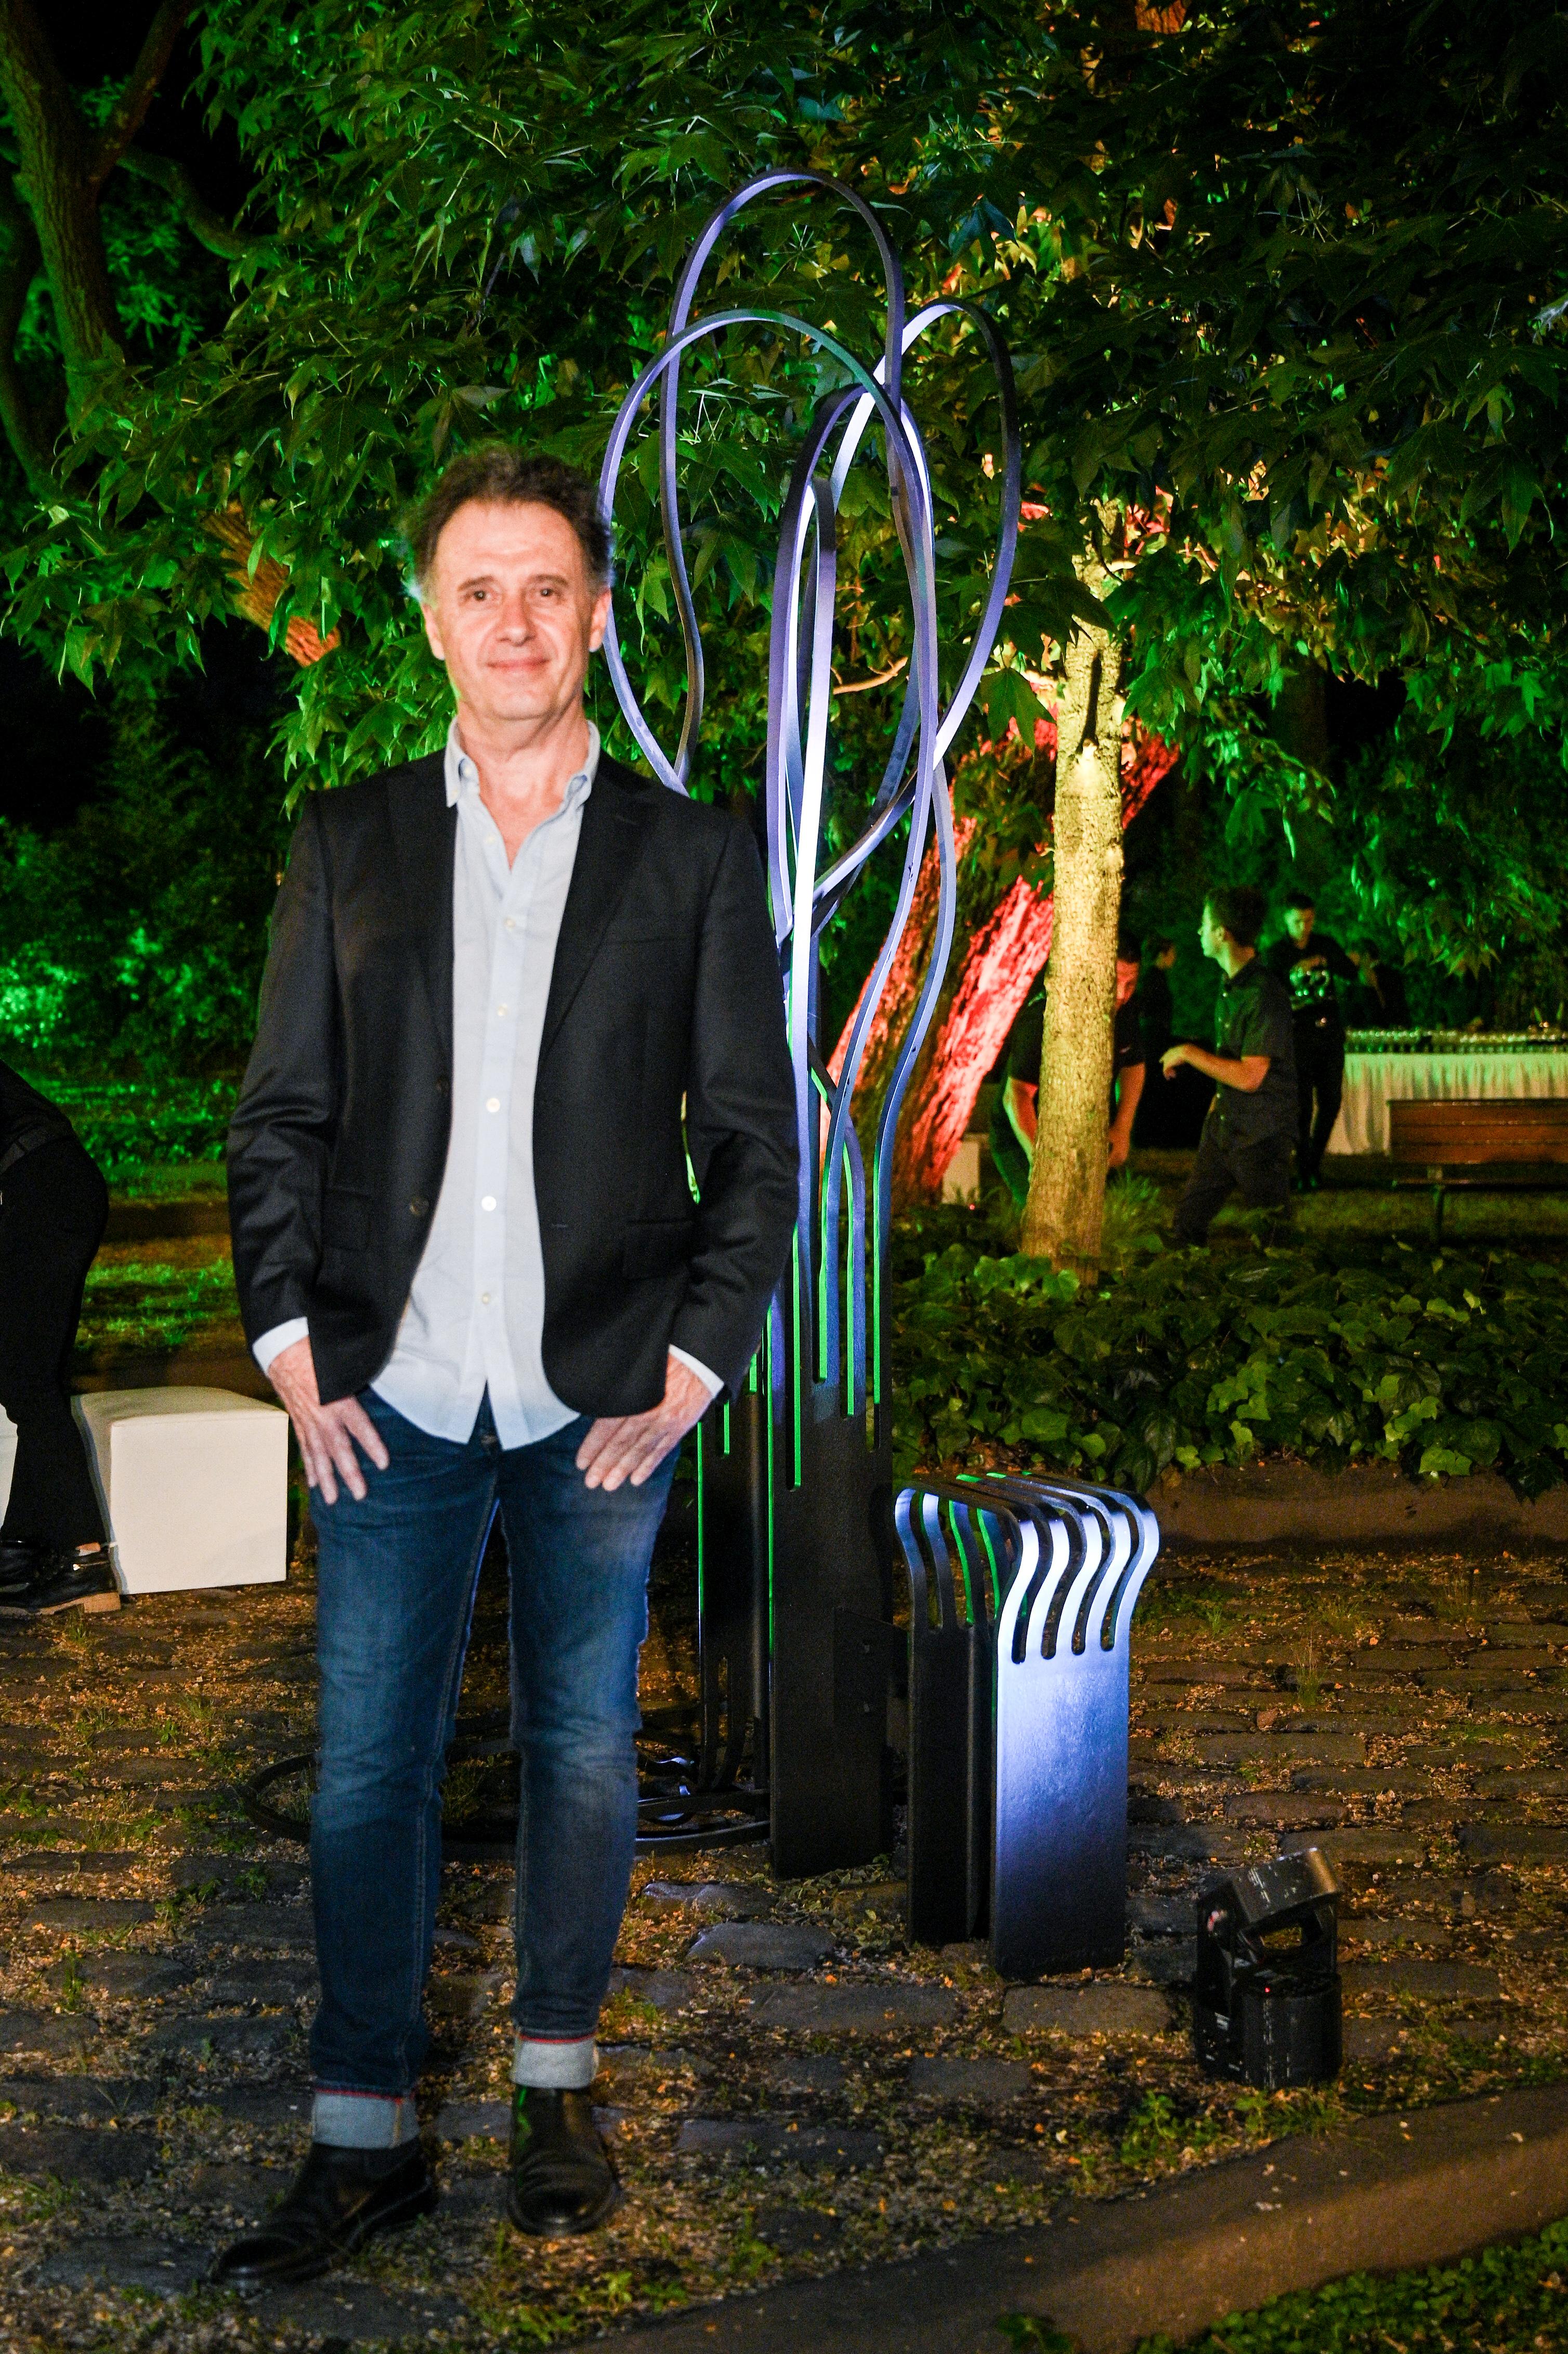 Pablo Reinoso, reconocido artista escultor franco-argentino, se radicó en París desde 1978, triunfando allí y en el mundo. Sus esculturas son mundialmente reconocidas y están ubicadas en las principales ciudades, como The Ark (2019) en Lincoln Square, Londres, Reino Unido; Pause Lapin (2018) en el Musée de Cluny en París, Francia; Gloriette (2010) en Beirut, Líbano, o Banc (2001) en Fukuroi, Japón